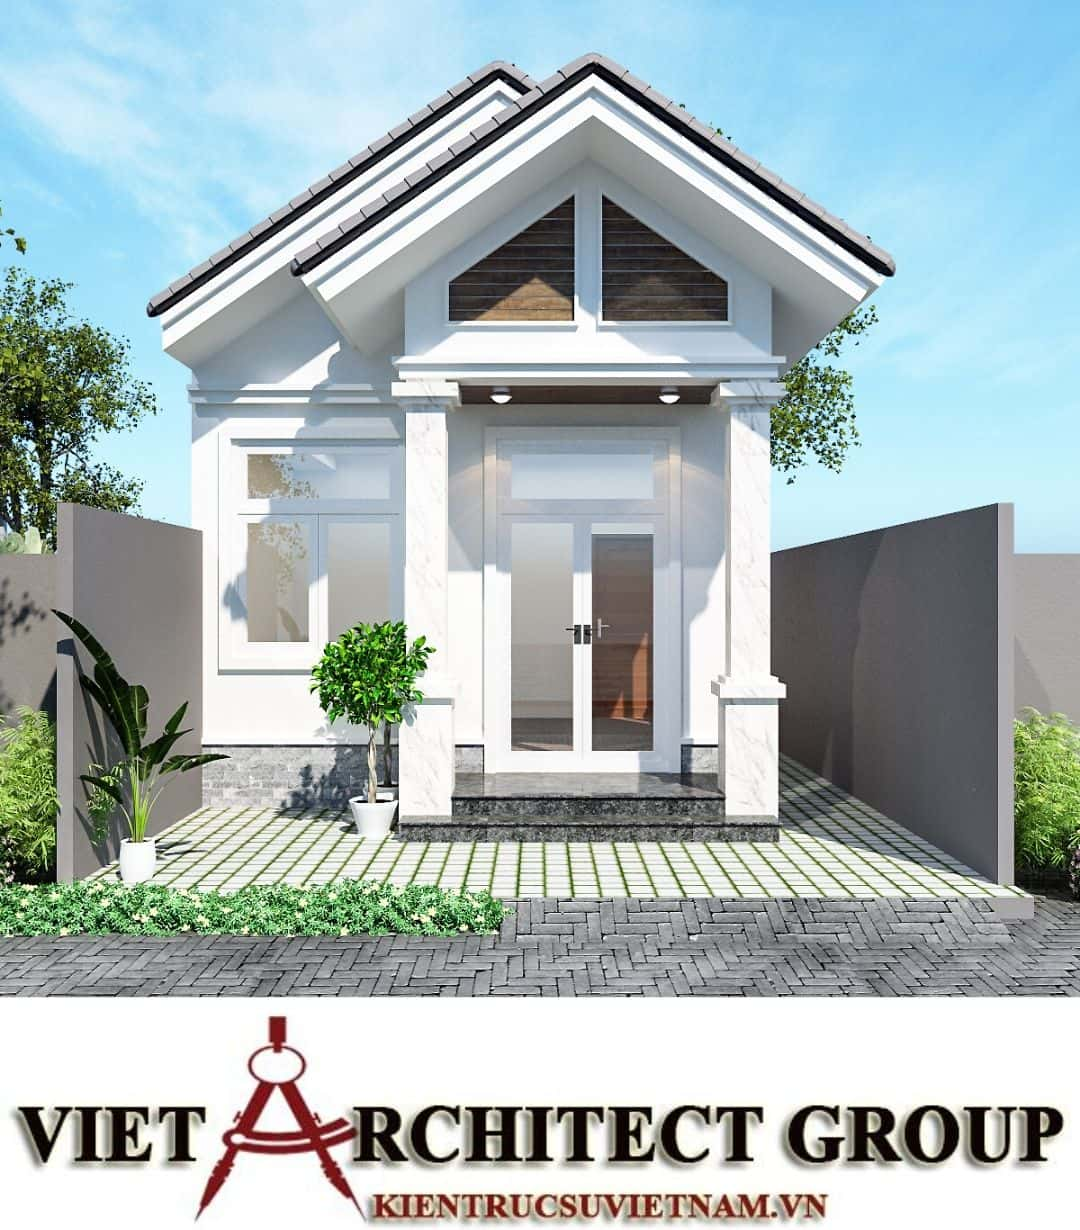 2 62 - Công trình nhà ở trệt mái thái diện tích 120m2 Mr Thi - Thủ Đức, TPHCM